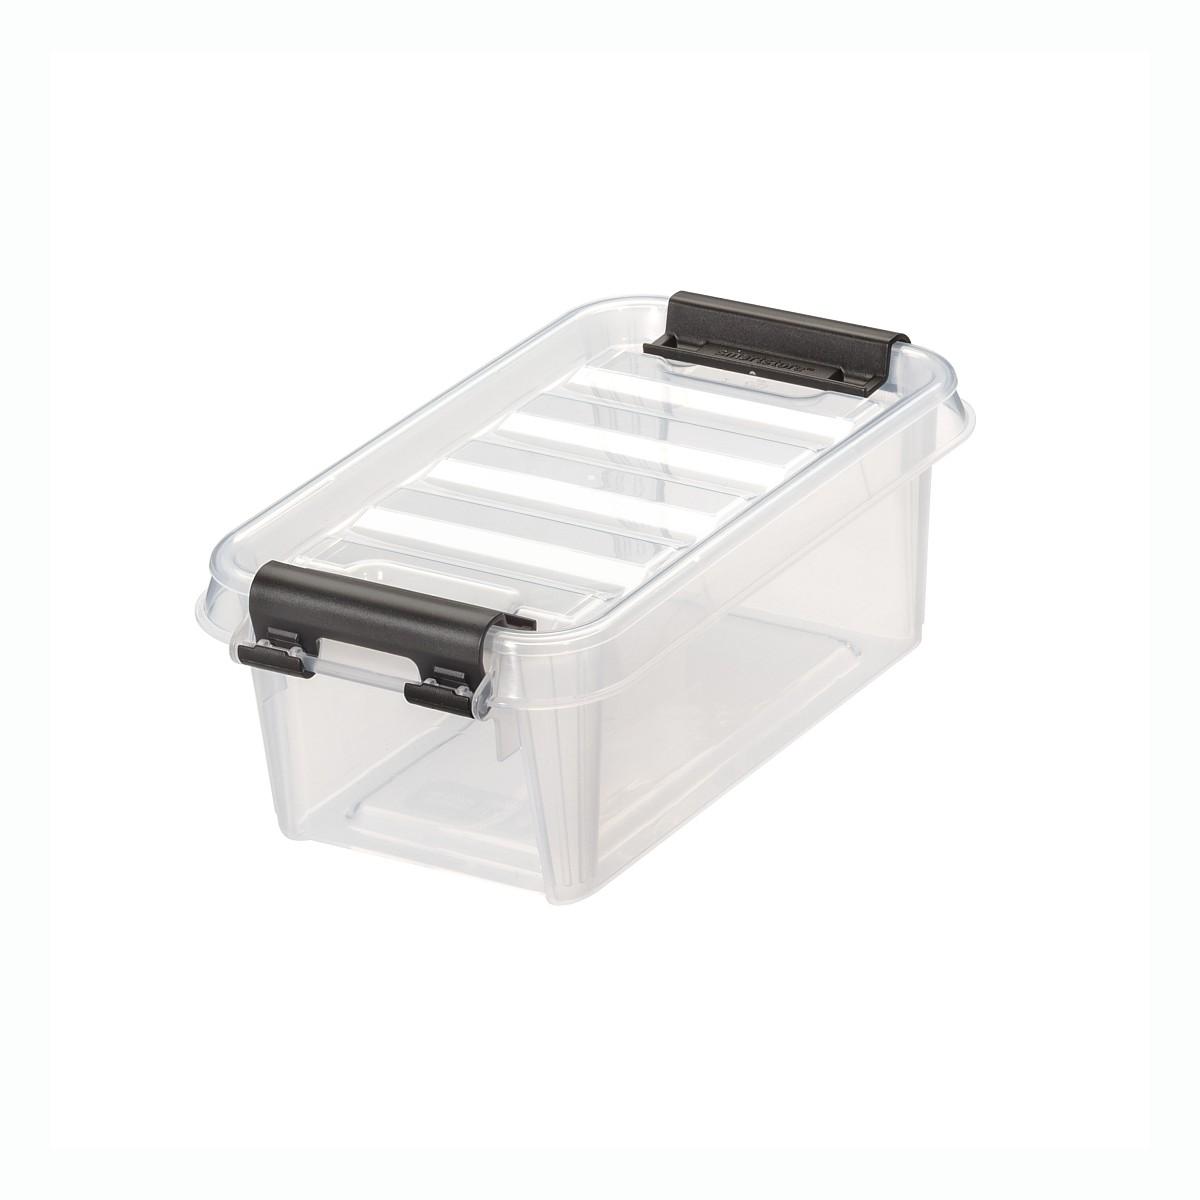 orthex smartstore transparente aufbewahrungsbox mit deckel kaufen online shop clickbox boxen. Black Bedroom Furniture Sets. Home Design Ideas